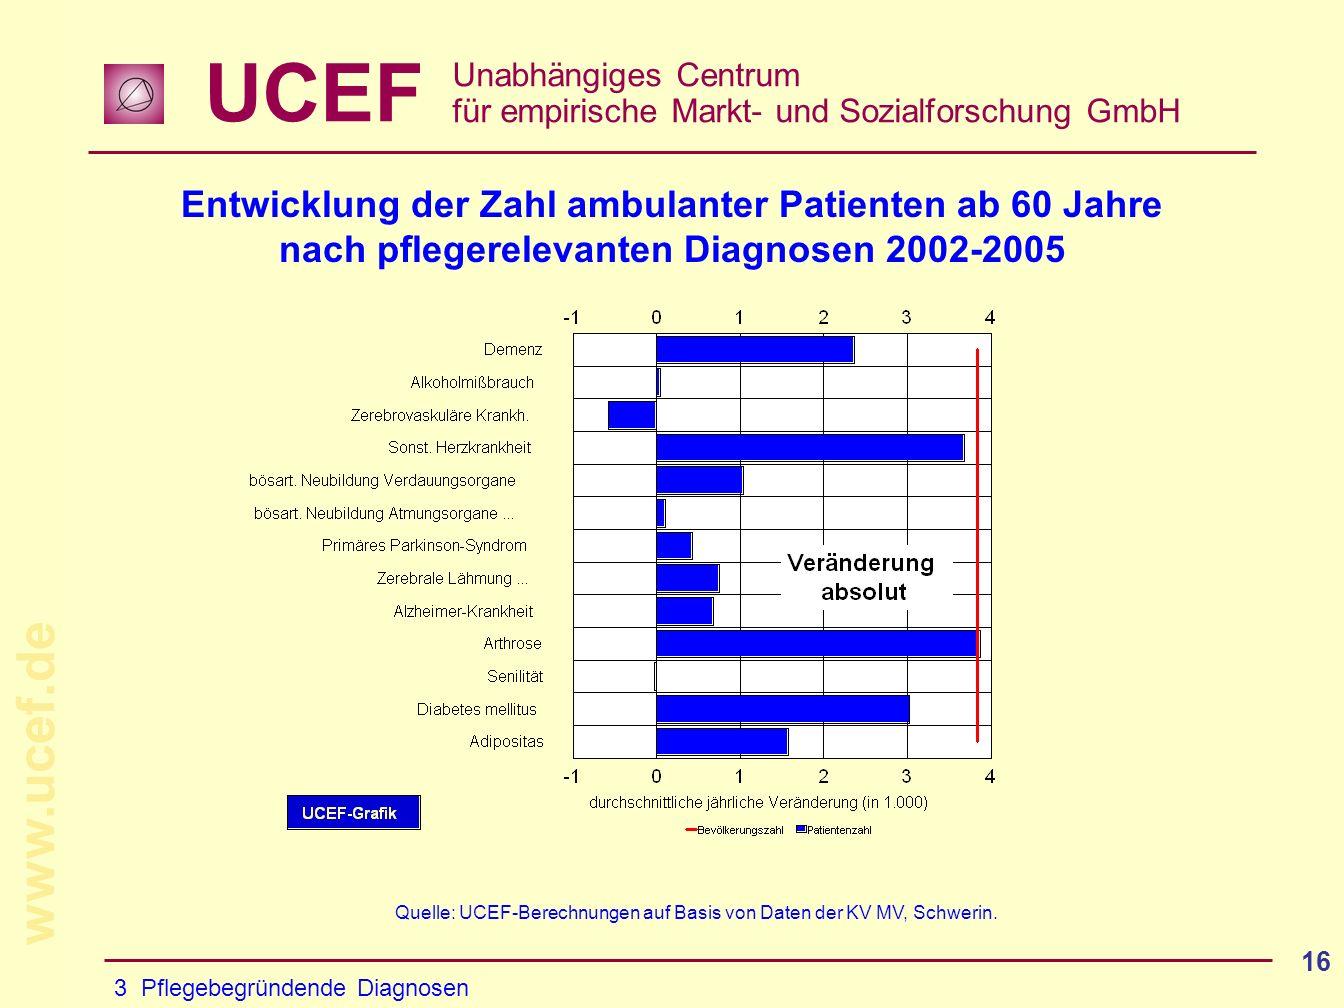 Entwicklung der Zahl ambulanter Patienten ab 60 Jahre